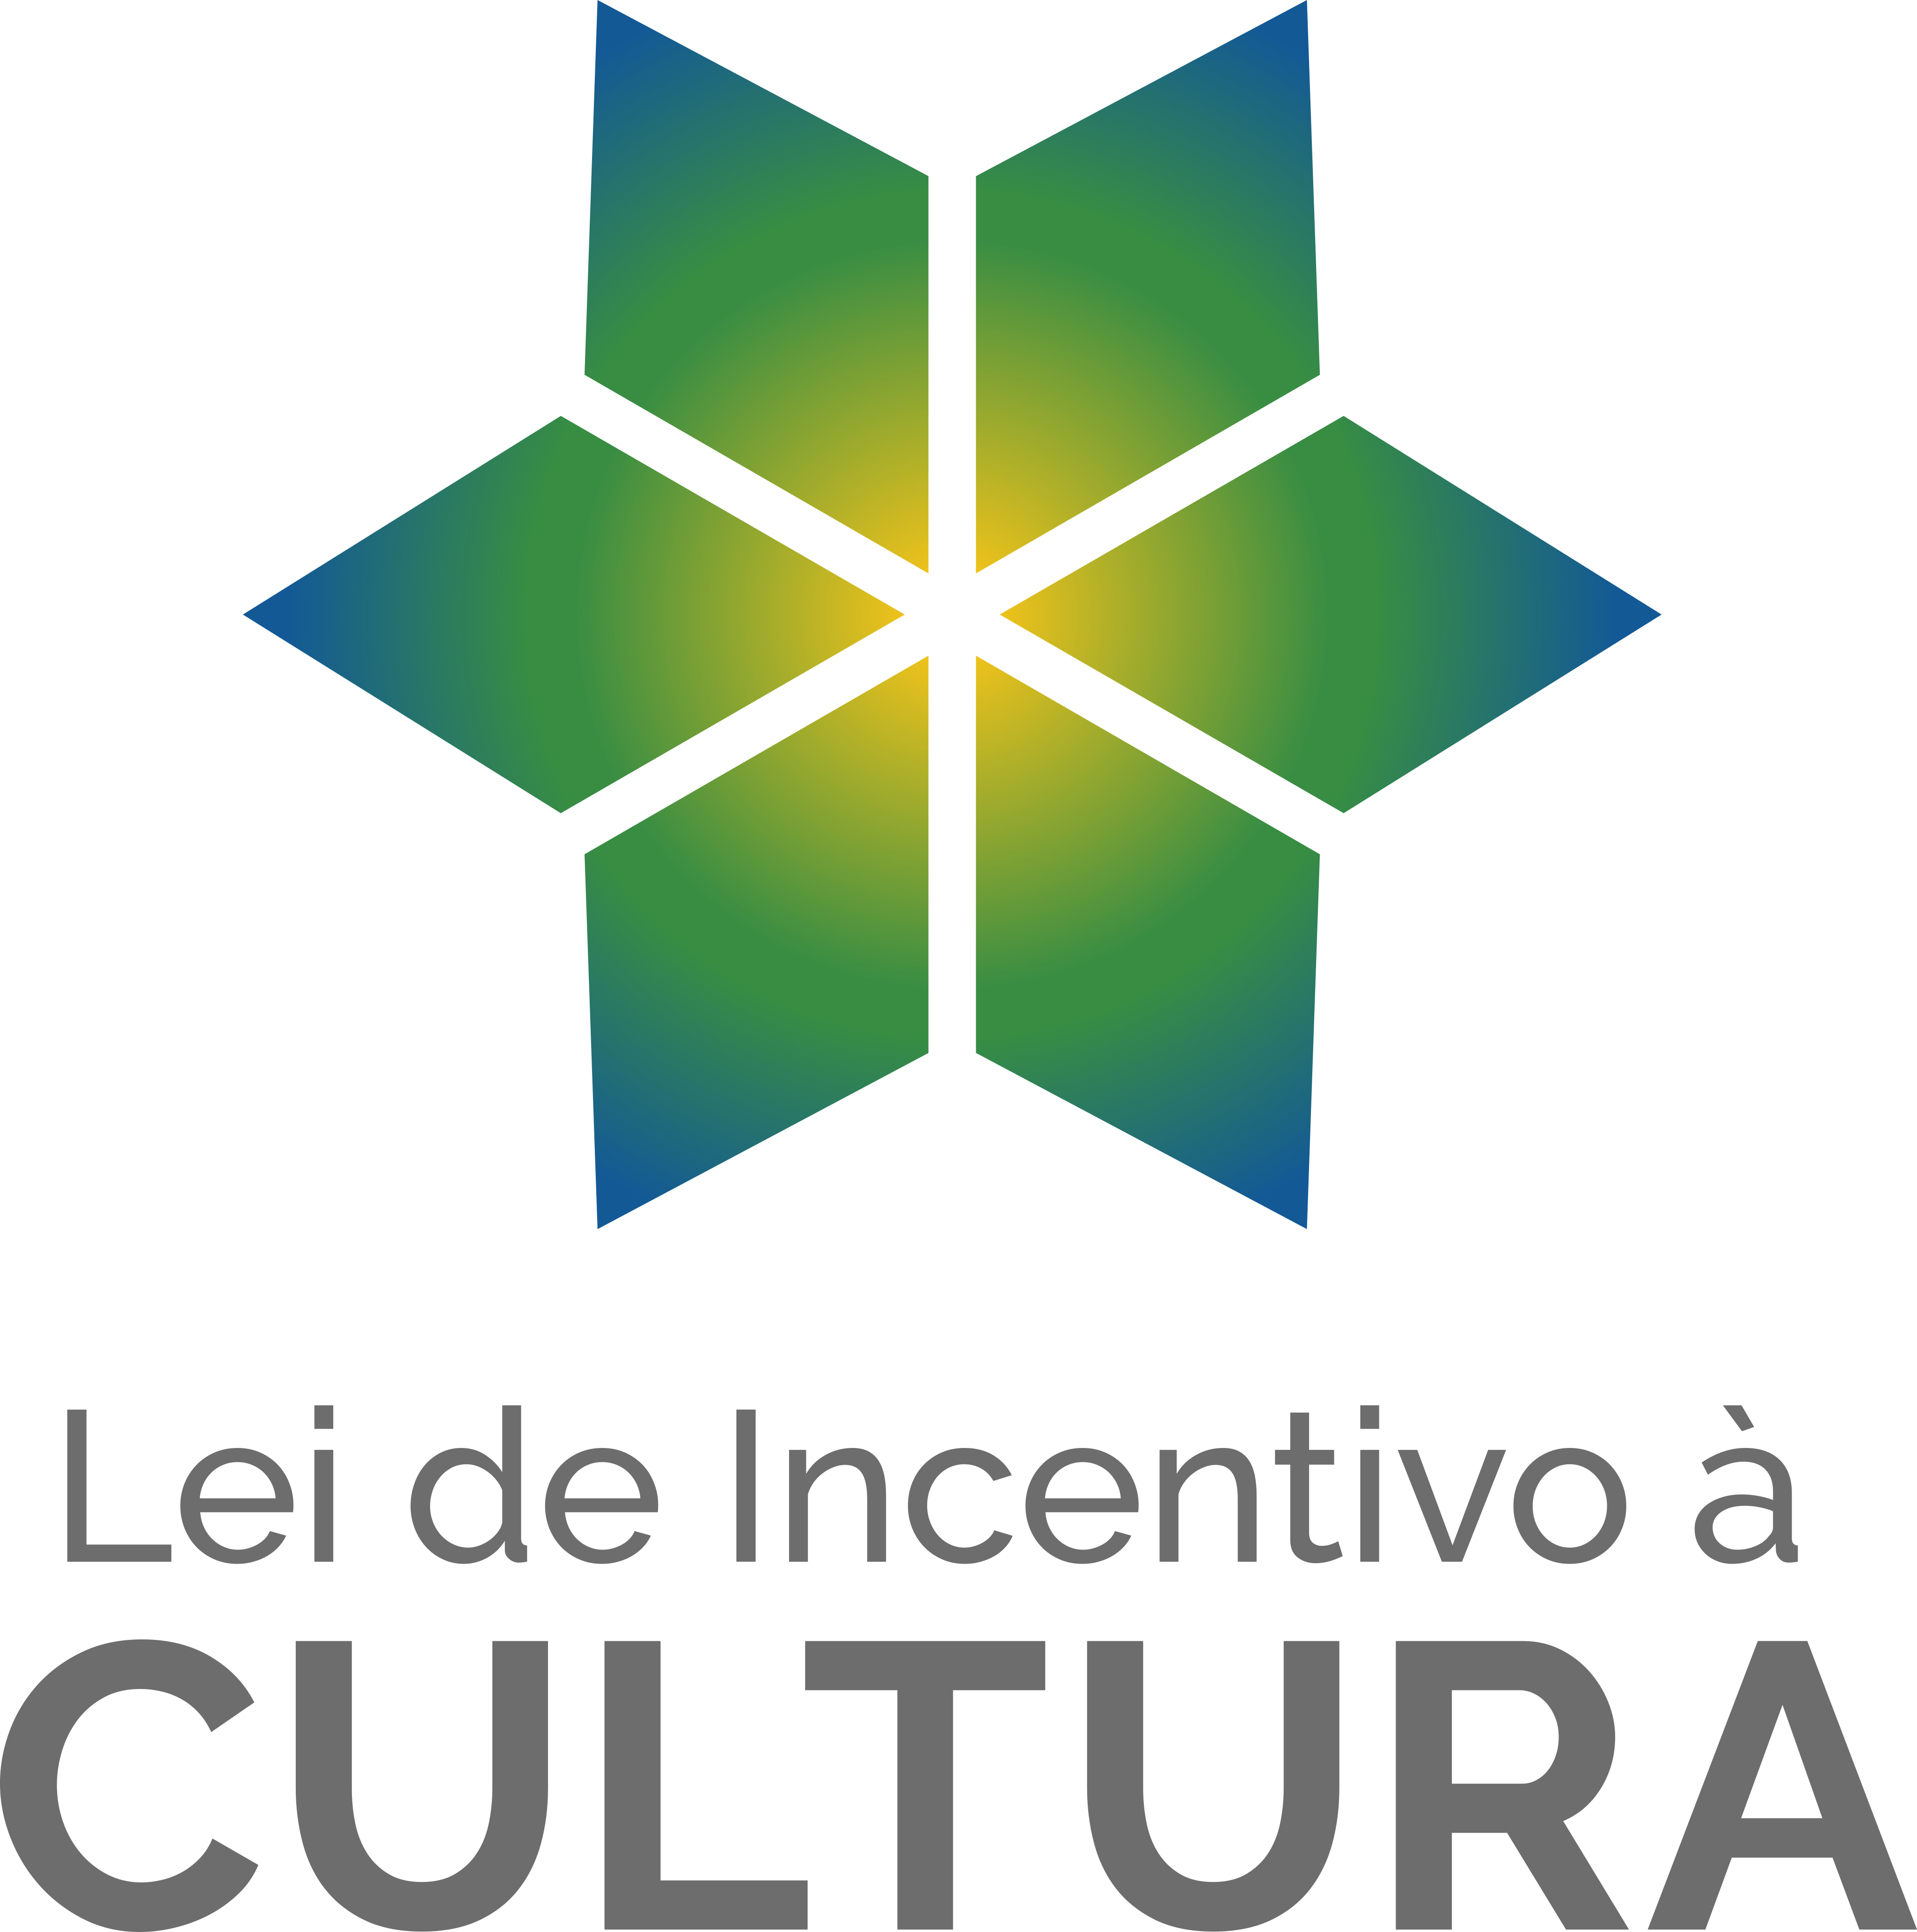 lei de incentivo a cultura logo 8 - Lei de incentivo à cultura Logo